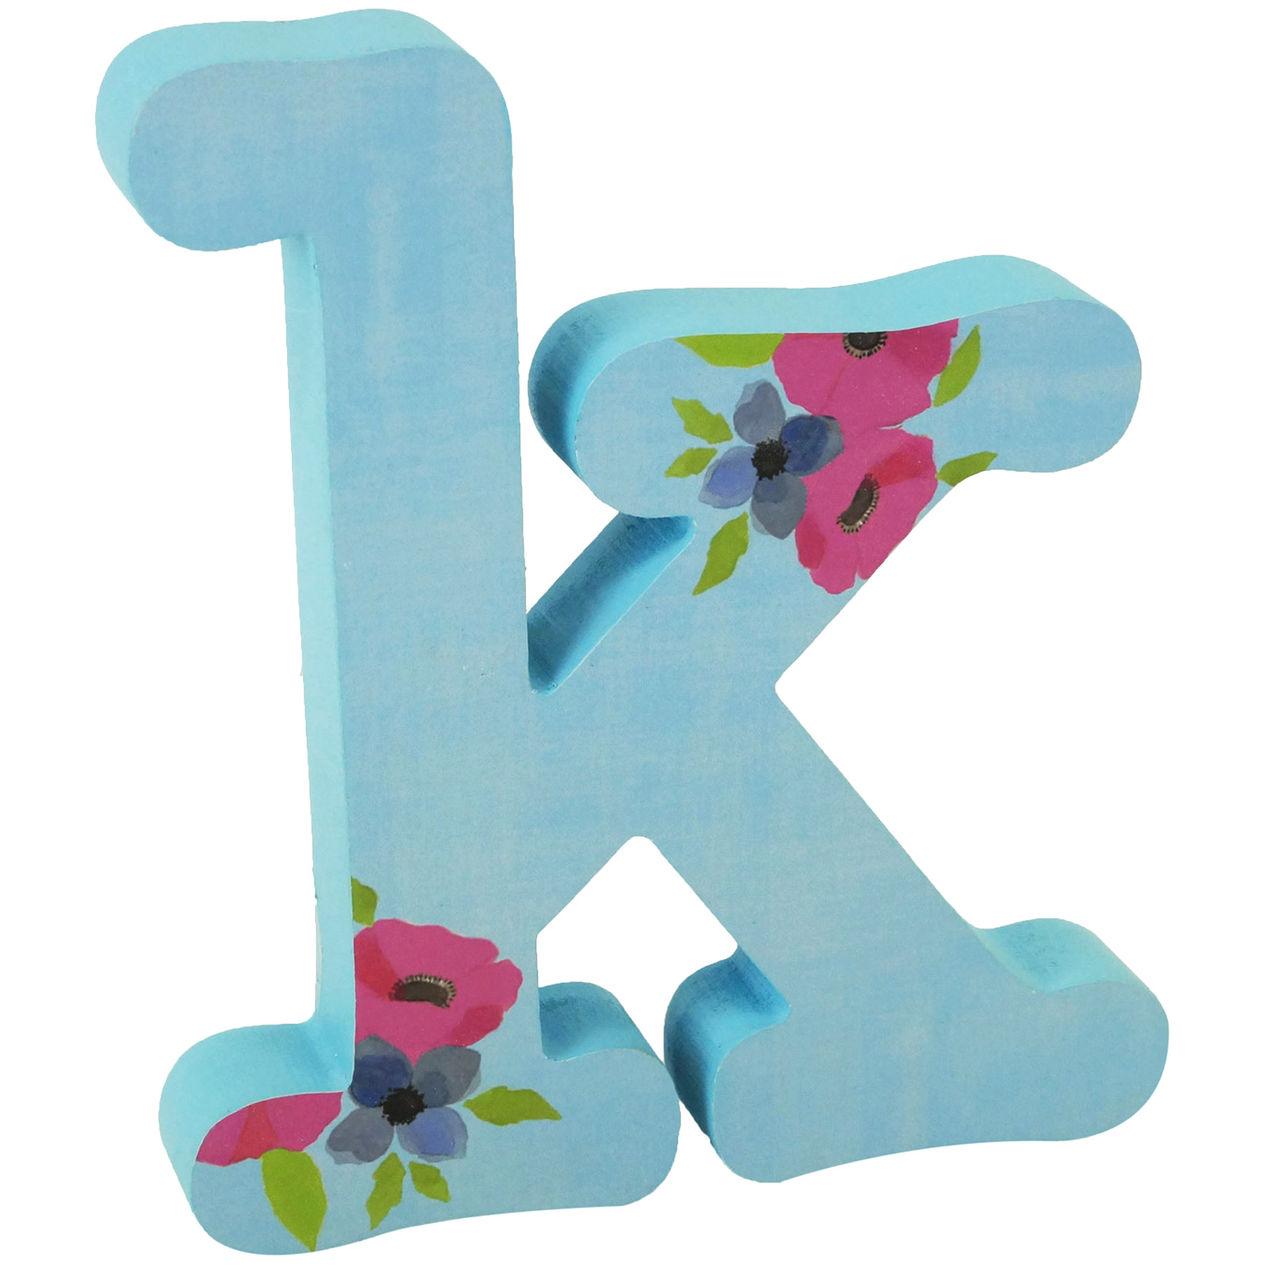 بالصور صور حرف k , تصاميم لحرف k بشكل مرح وجذاب 532 6